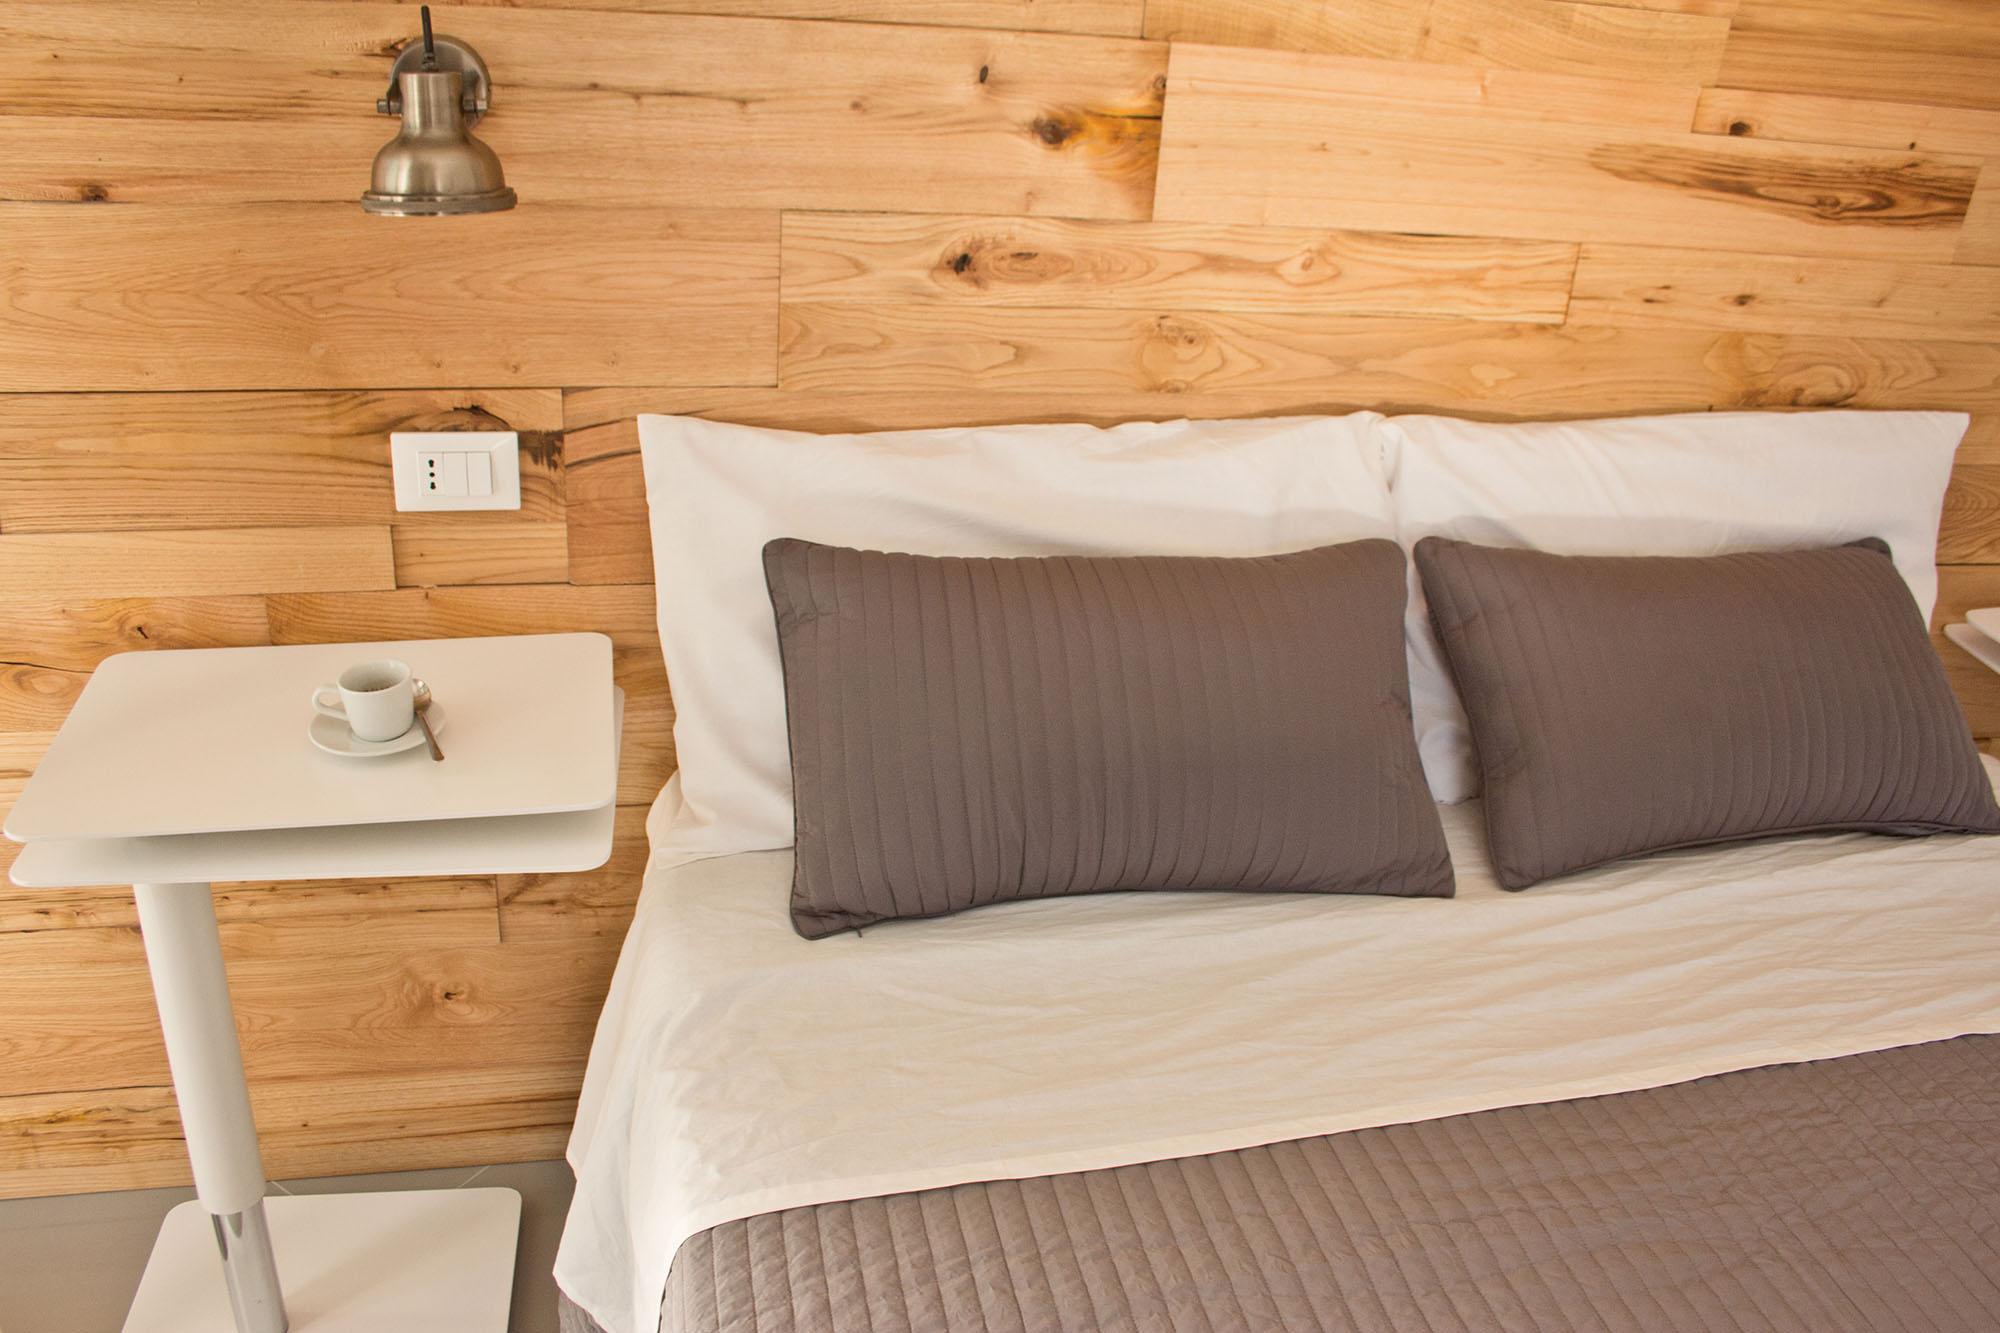 camera da letto roma falegnameria su misura (3)